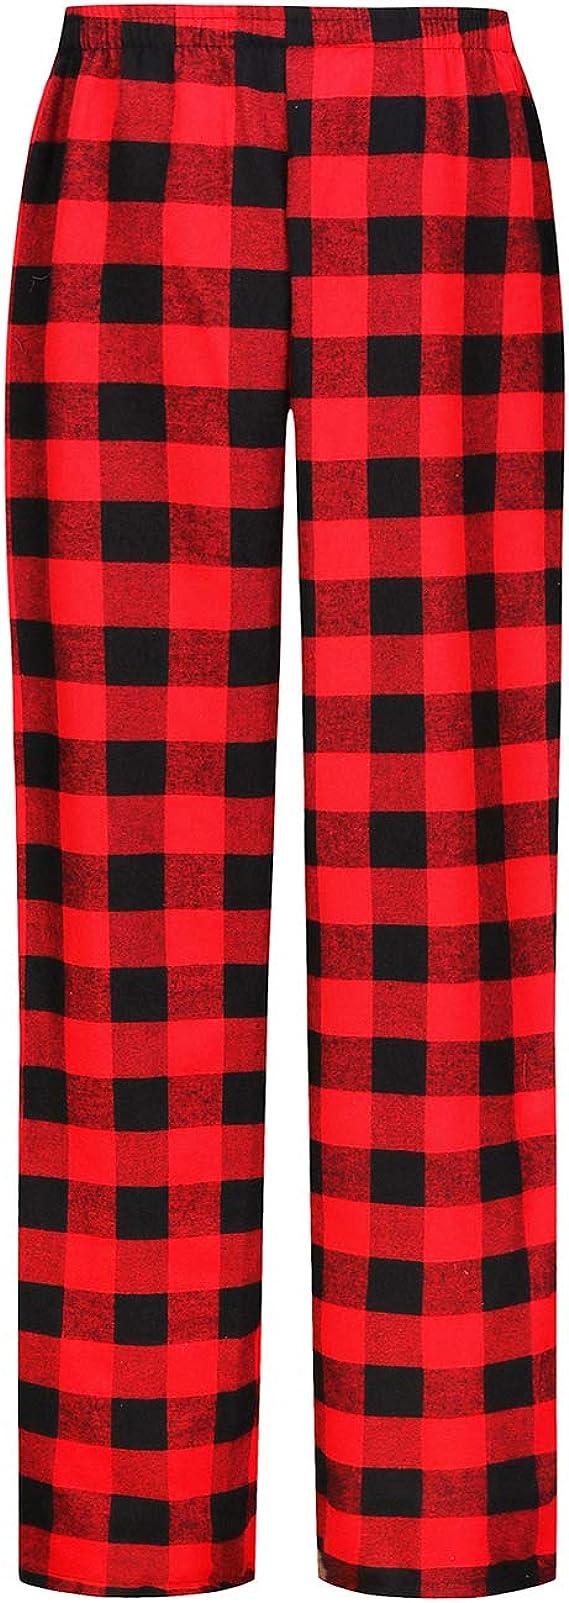 Coffret Cadeau pour Homme Pyjama Pantalon en Flanelle /à Carreaux